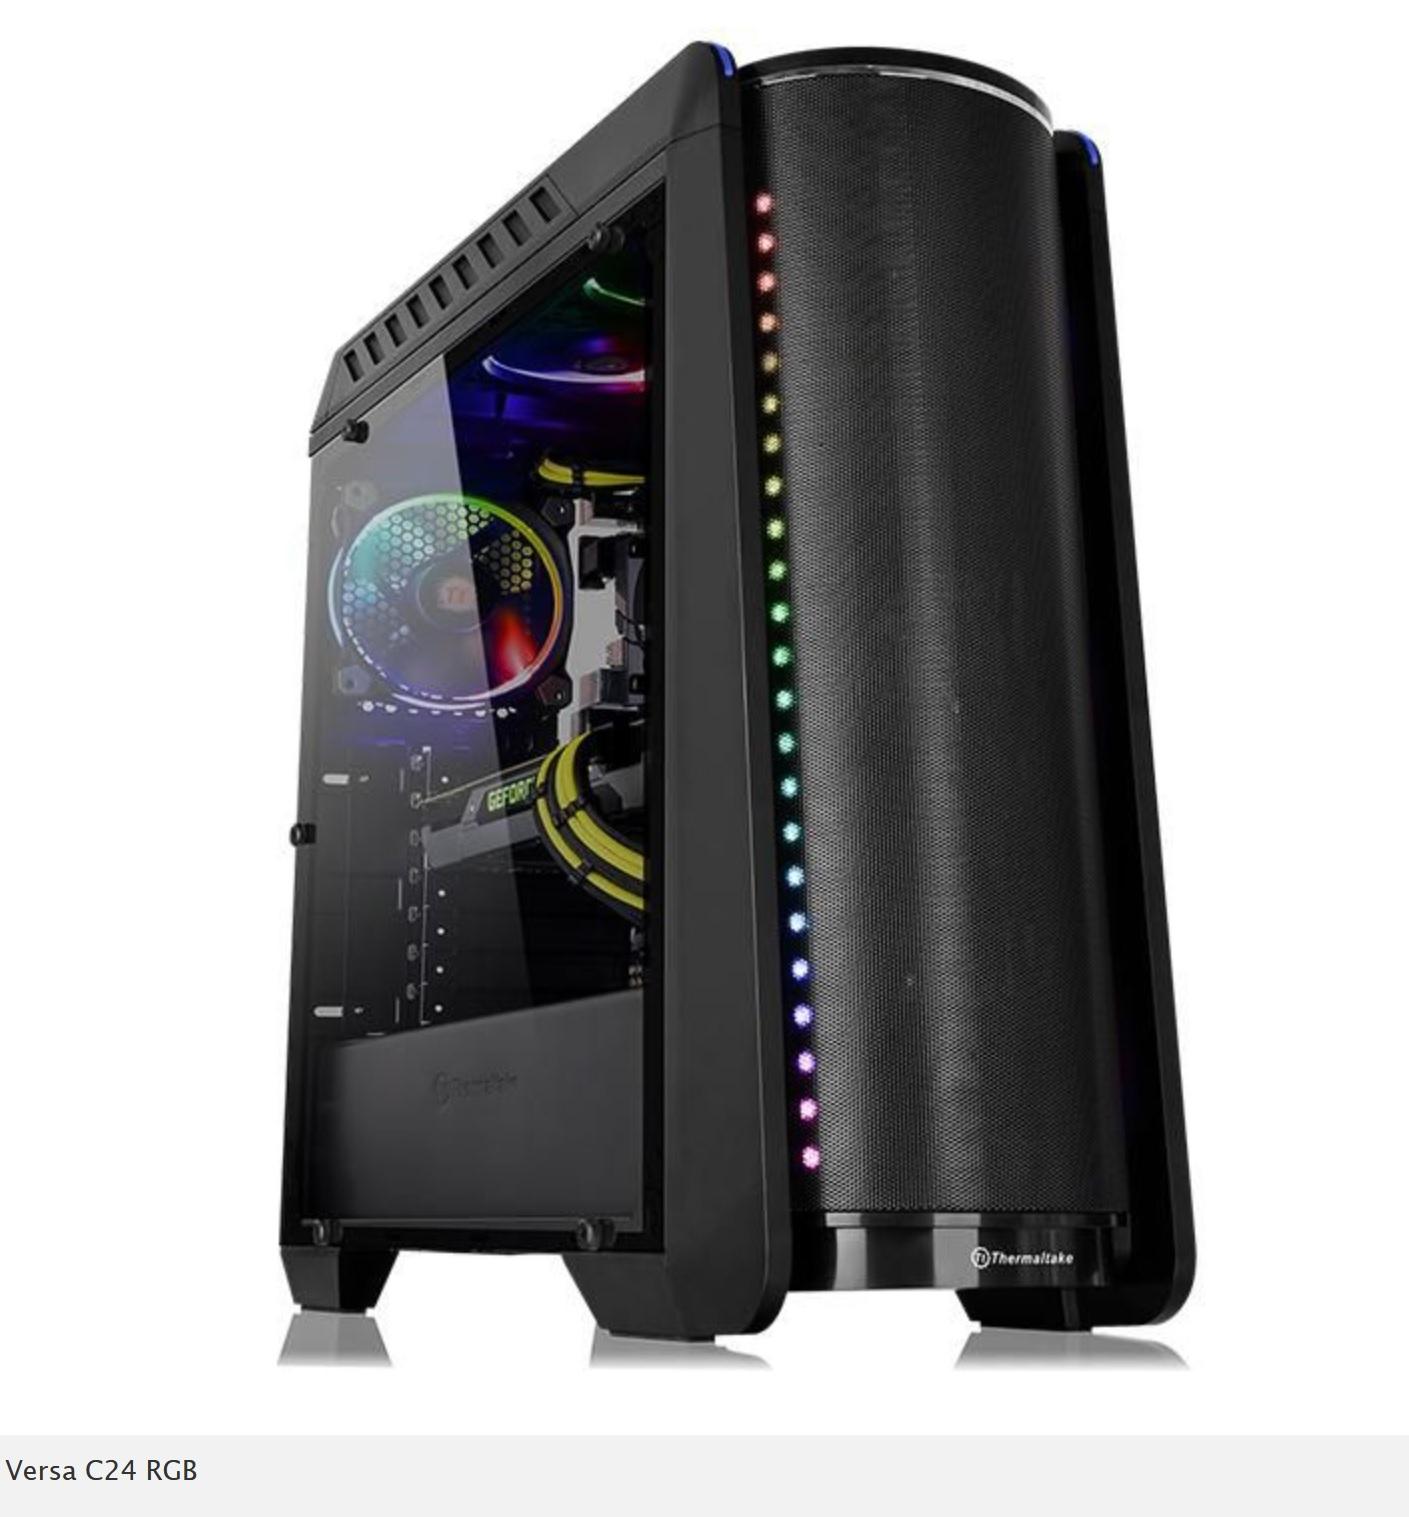 THERMALTAKE Versa C24 PC-Gehäuse mit RGB in Schwarz